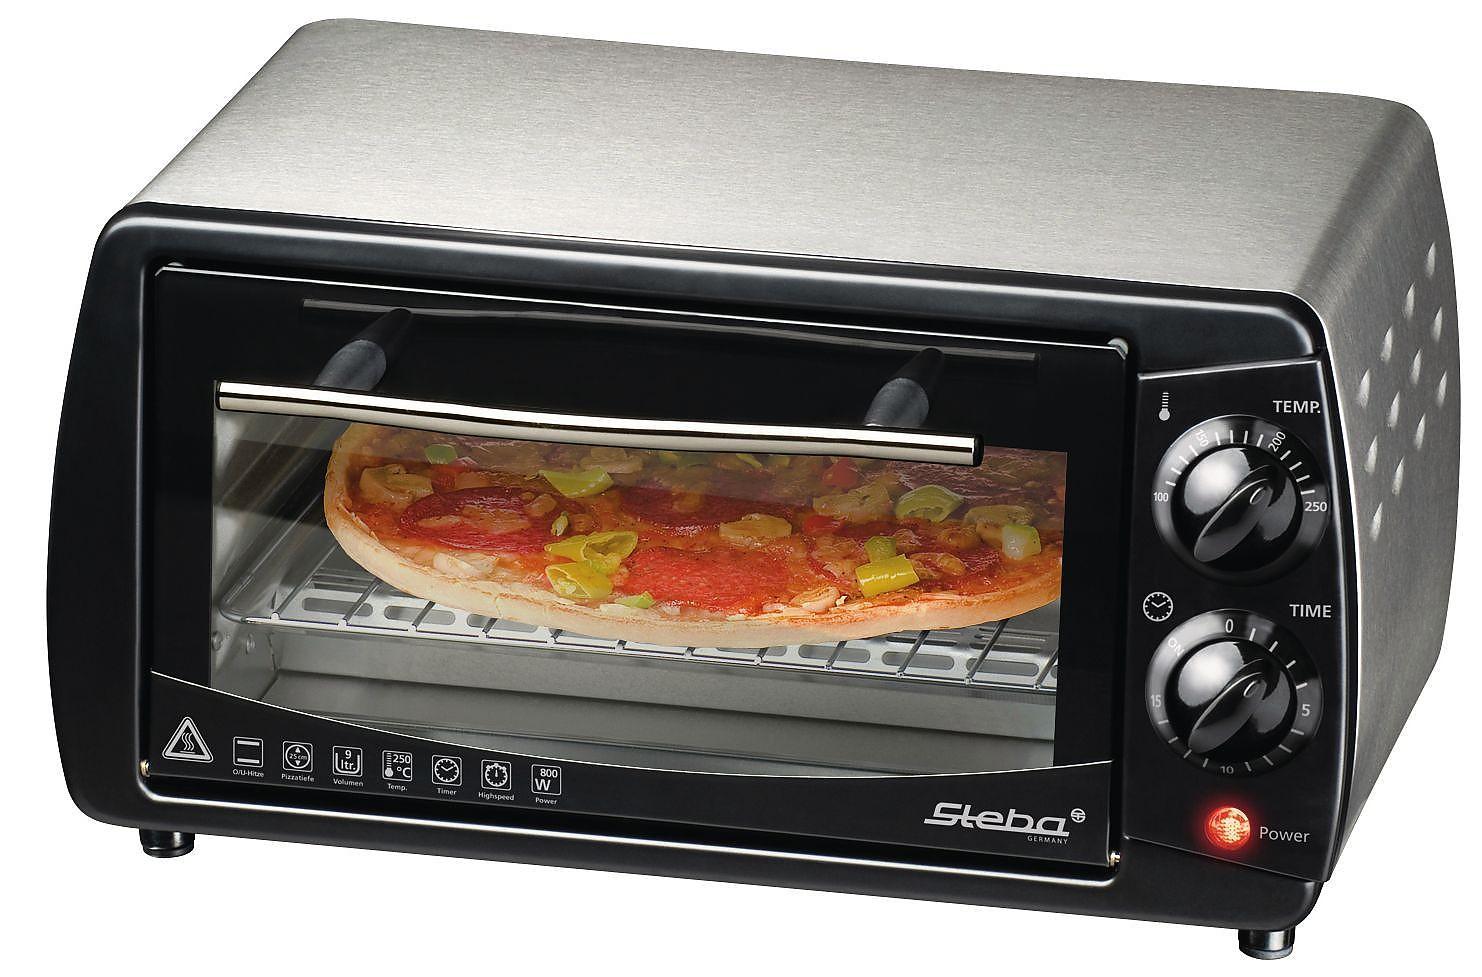 teamsix kb 9 2 acciaio nero steba fornellini per toast e pizza. Black Bedroom Furniture Sets. Home Design Ideas